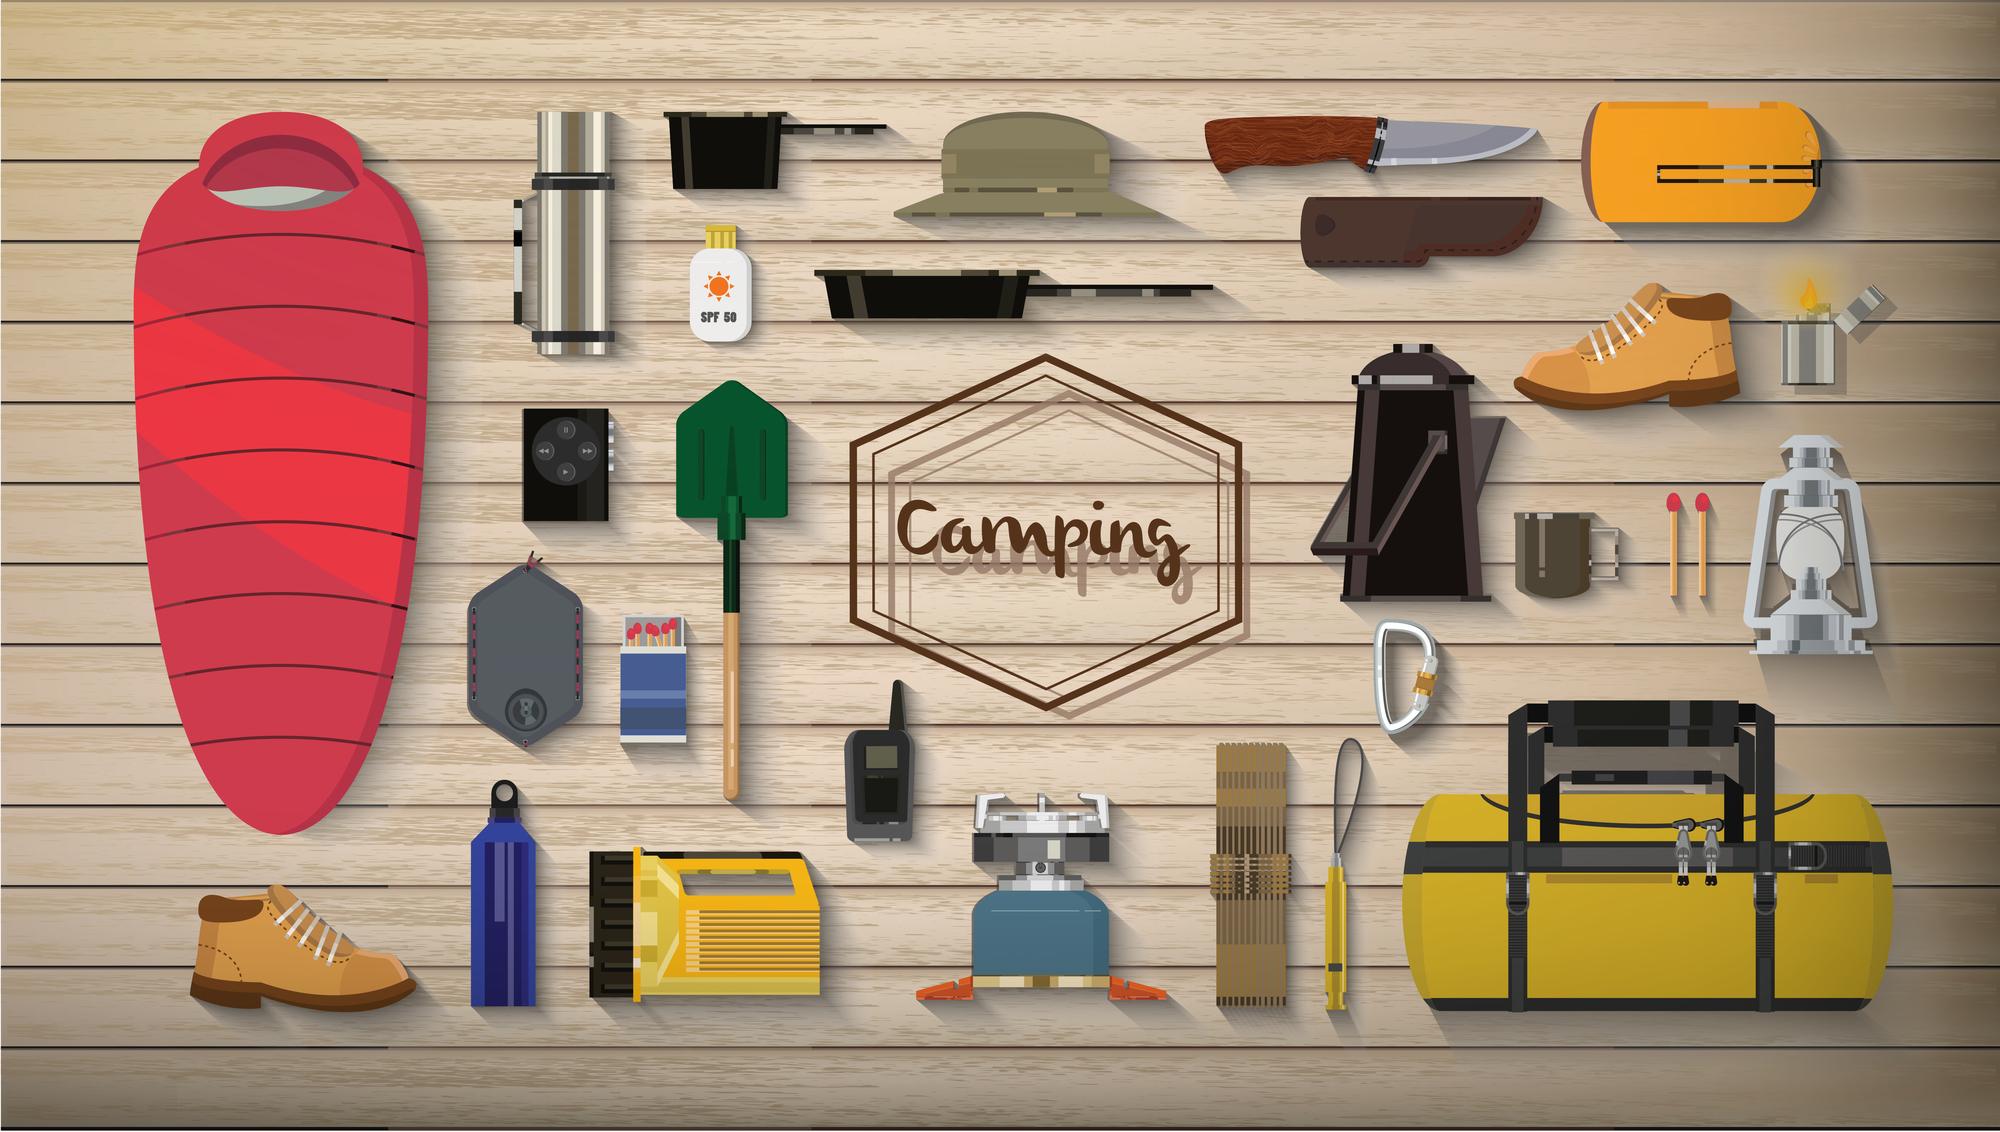 冬キャンプ用アイテム&装備